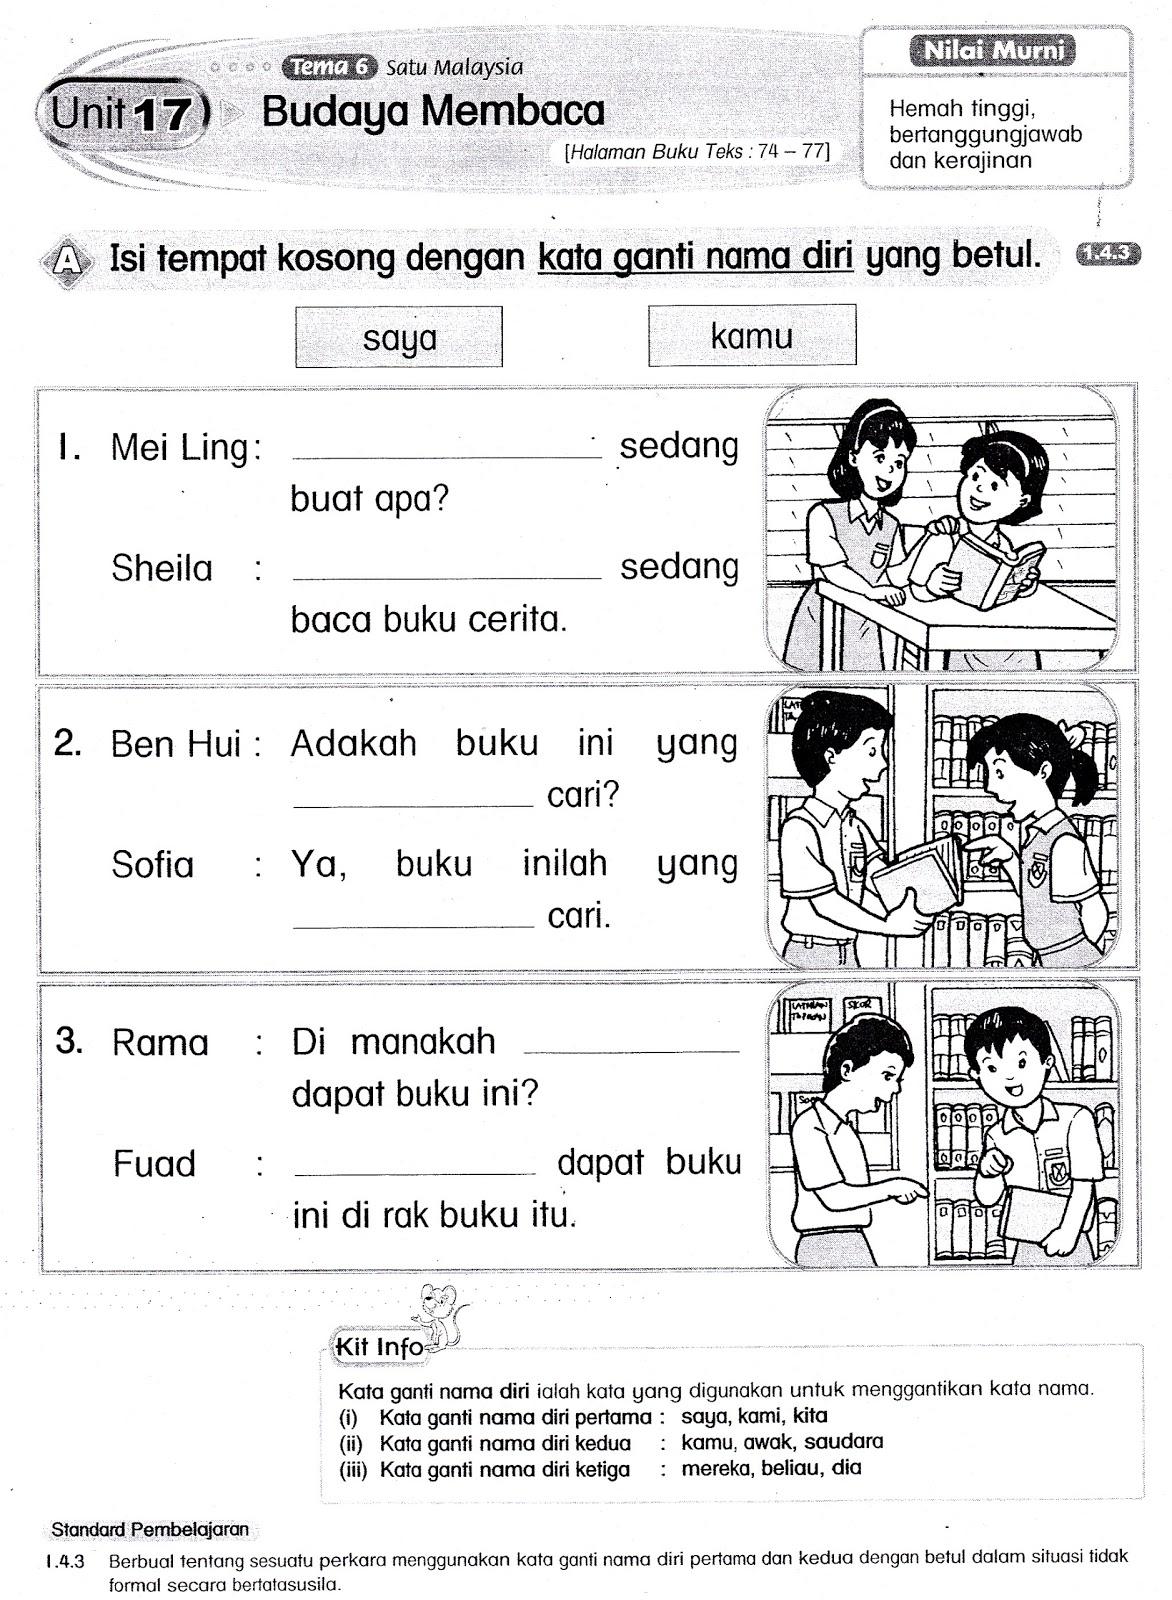 Mari Belajar Bahasa Lembaran Kerja Kata Ganti Nama Diri Pertama Dan Kedua